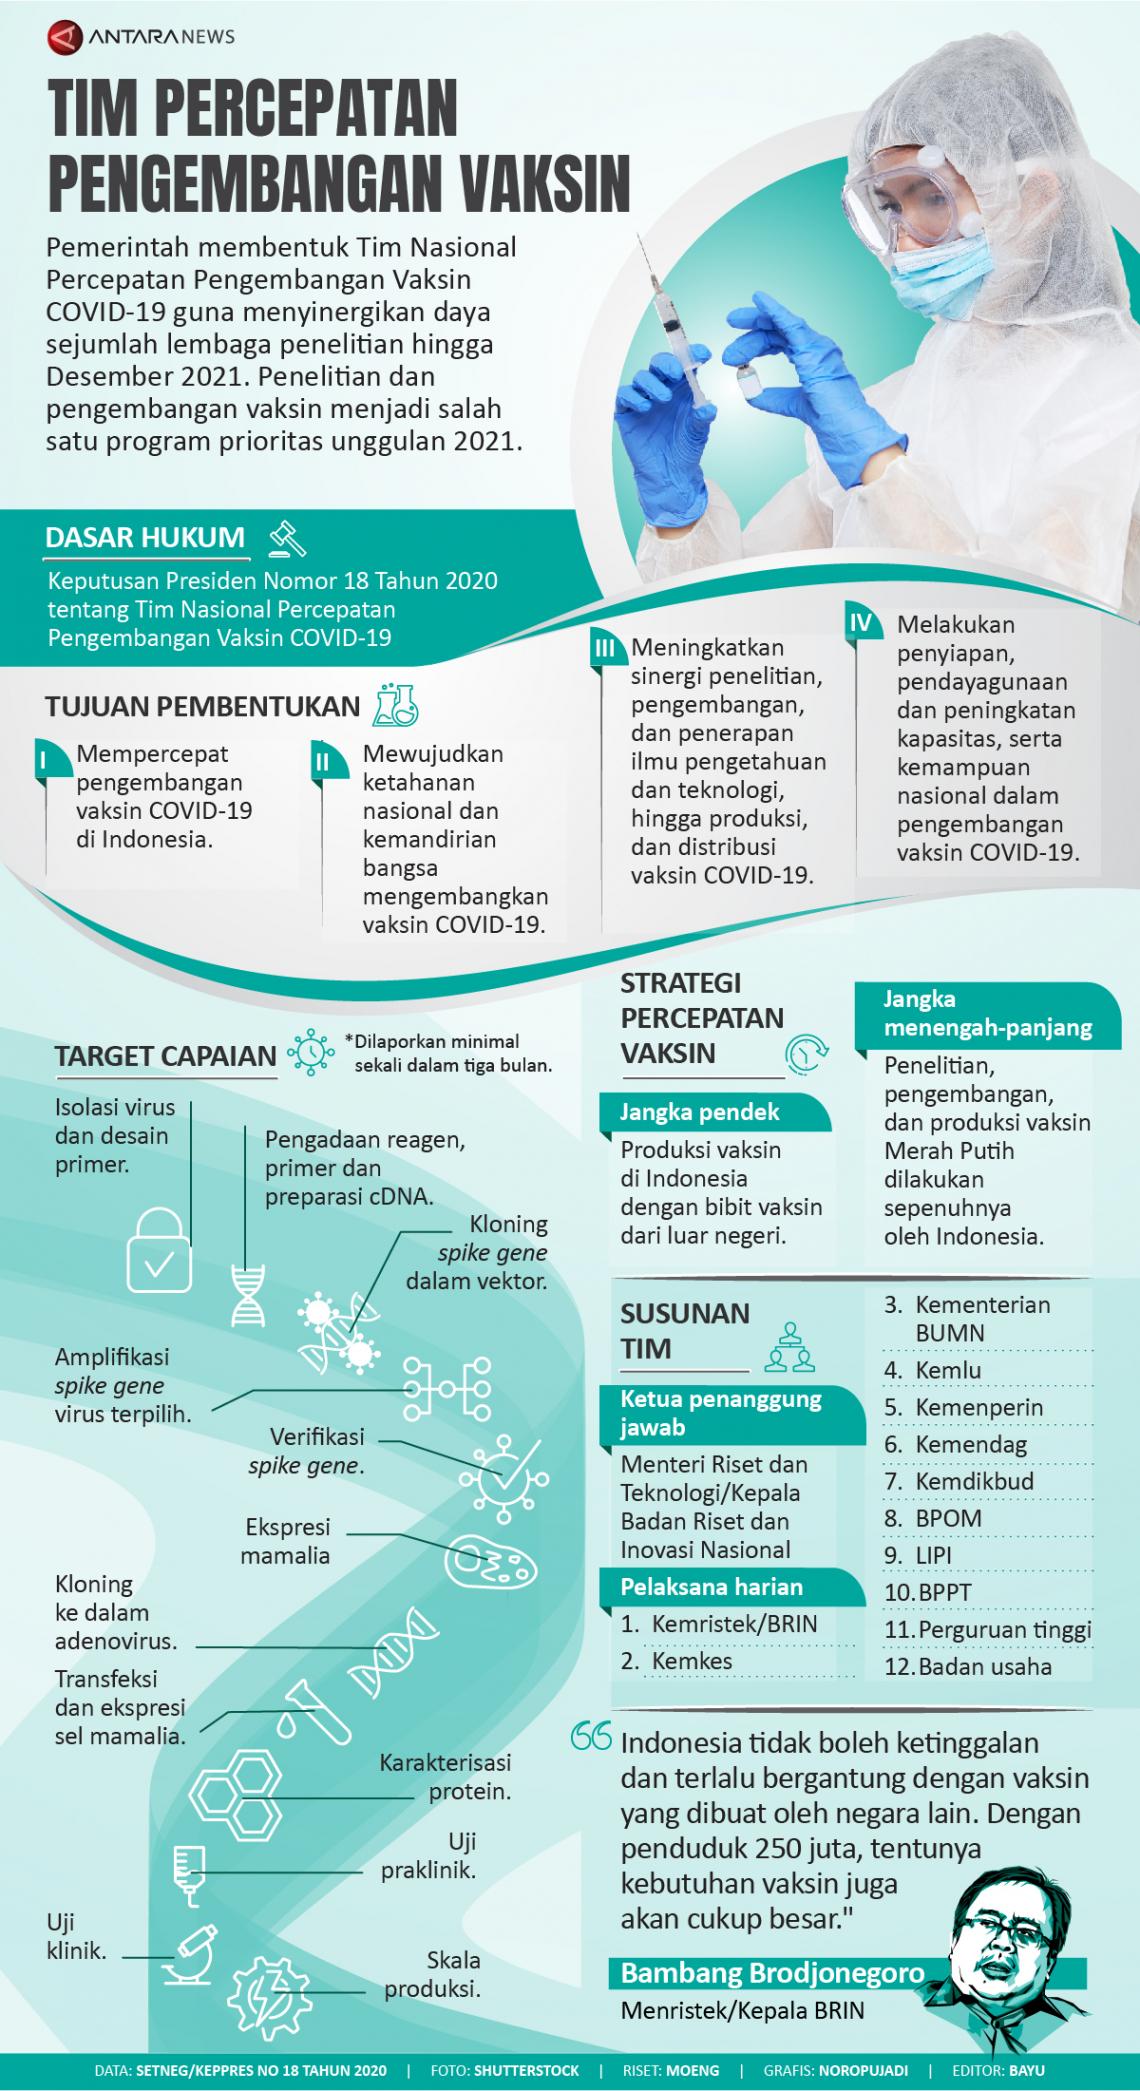 Tim percepatan pengembangan vaksin